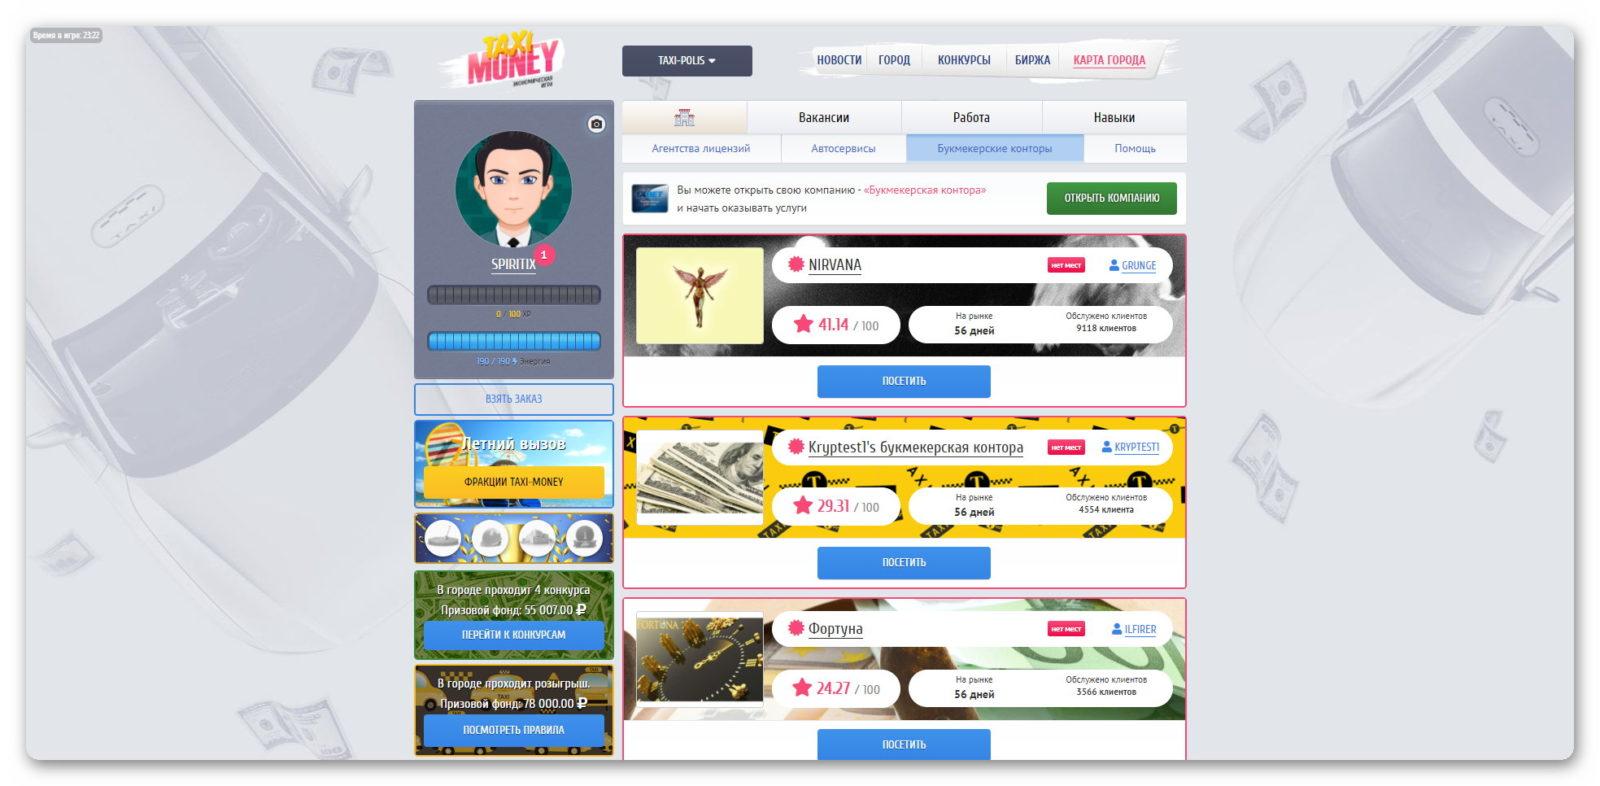 Букмекерские конторы в игре Taxi-Money